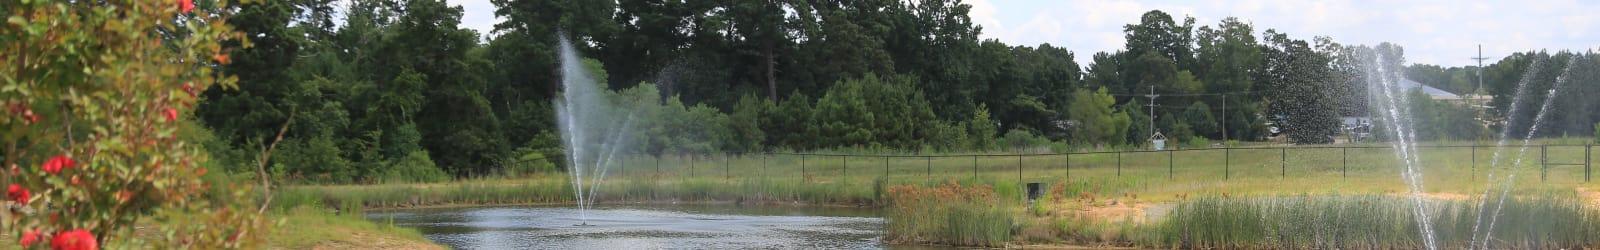 Apply to Belforest Villas in Daphne, Alabama